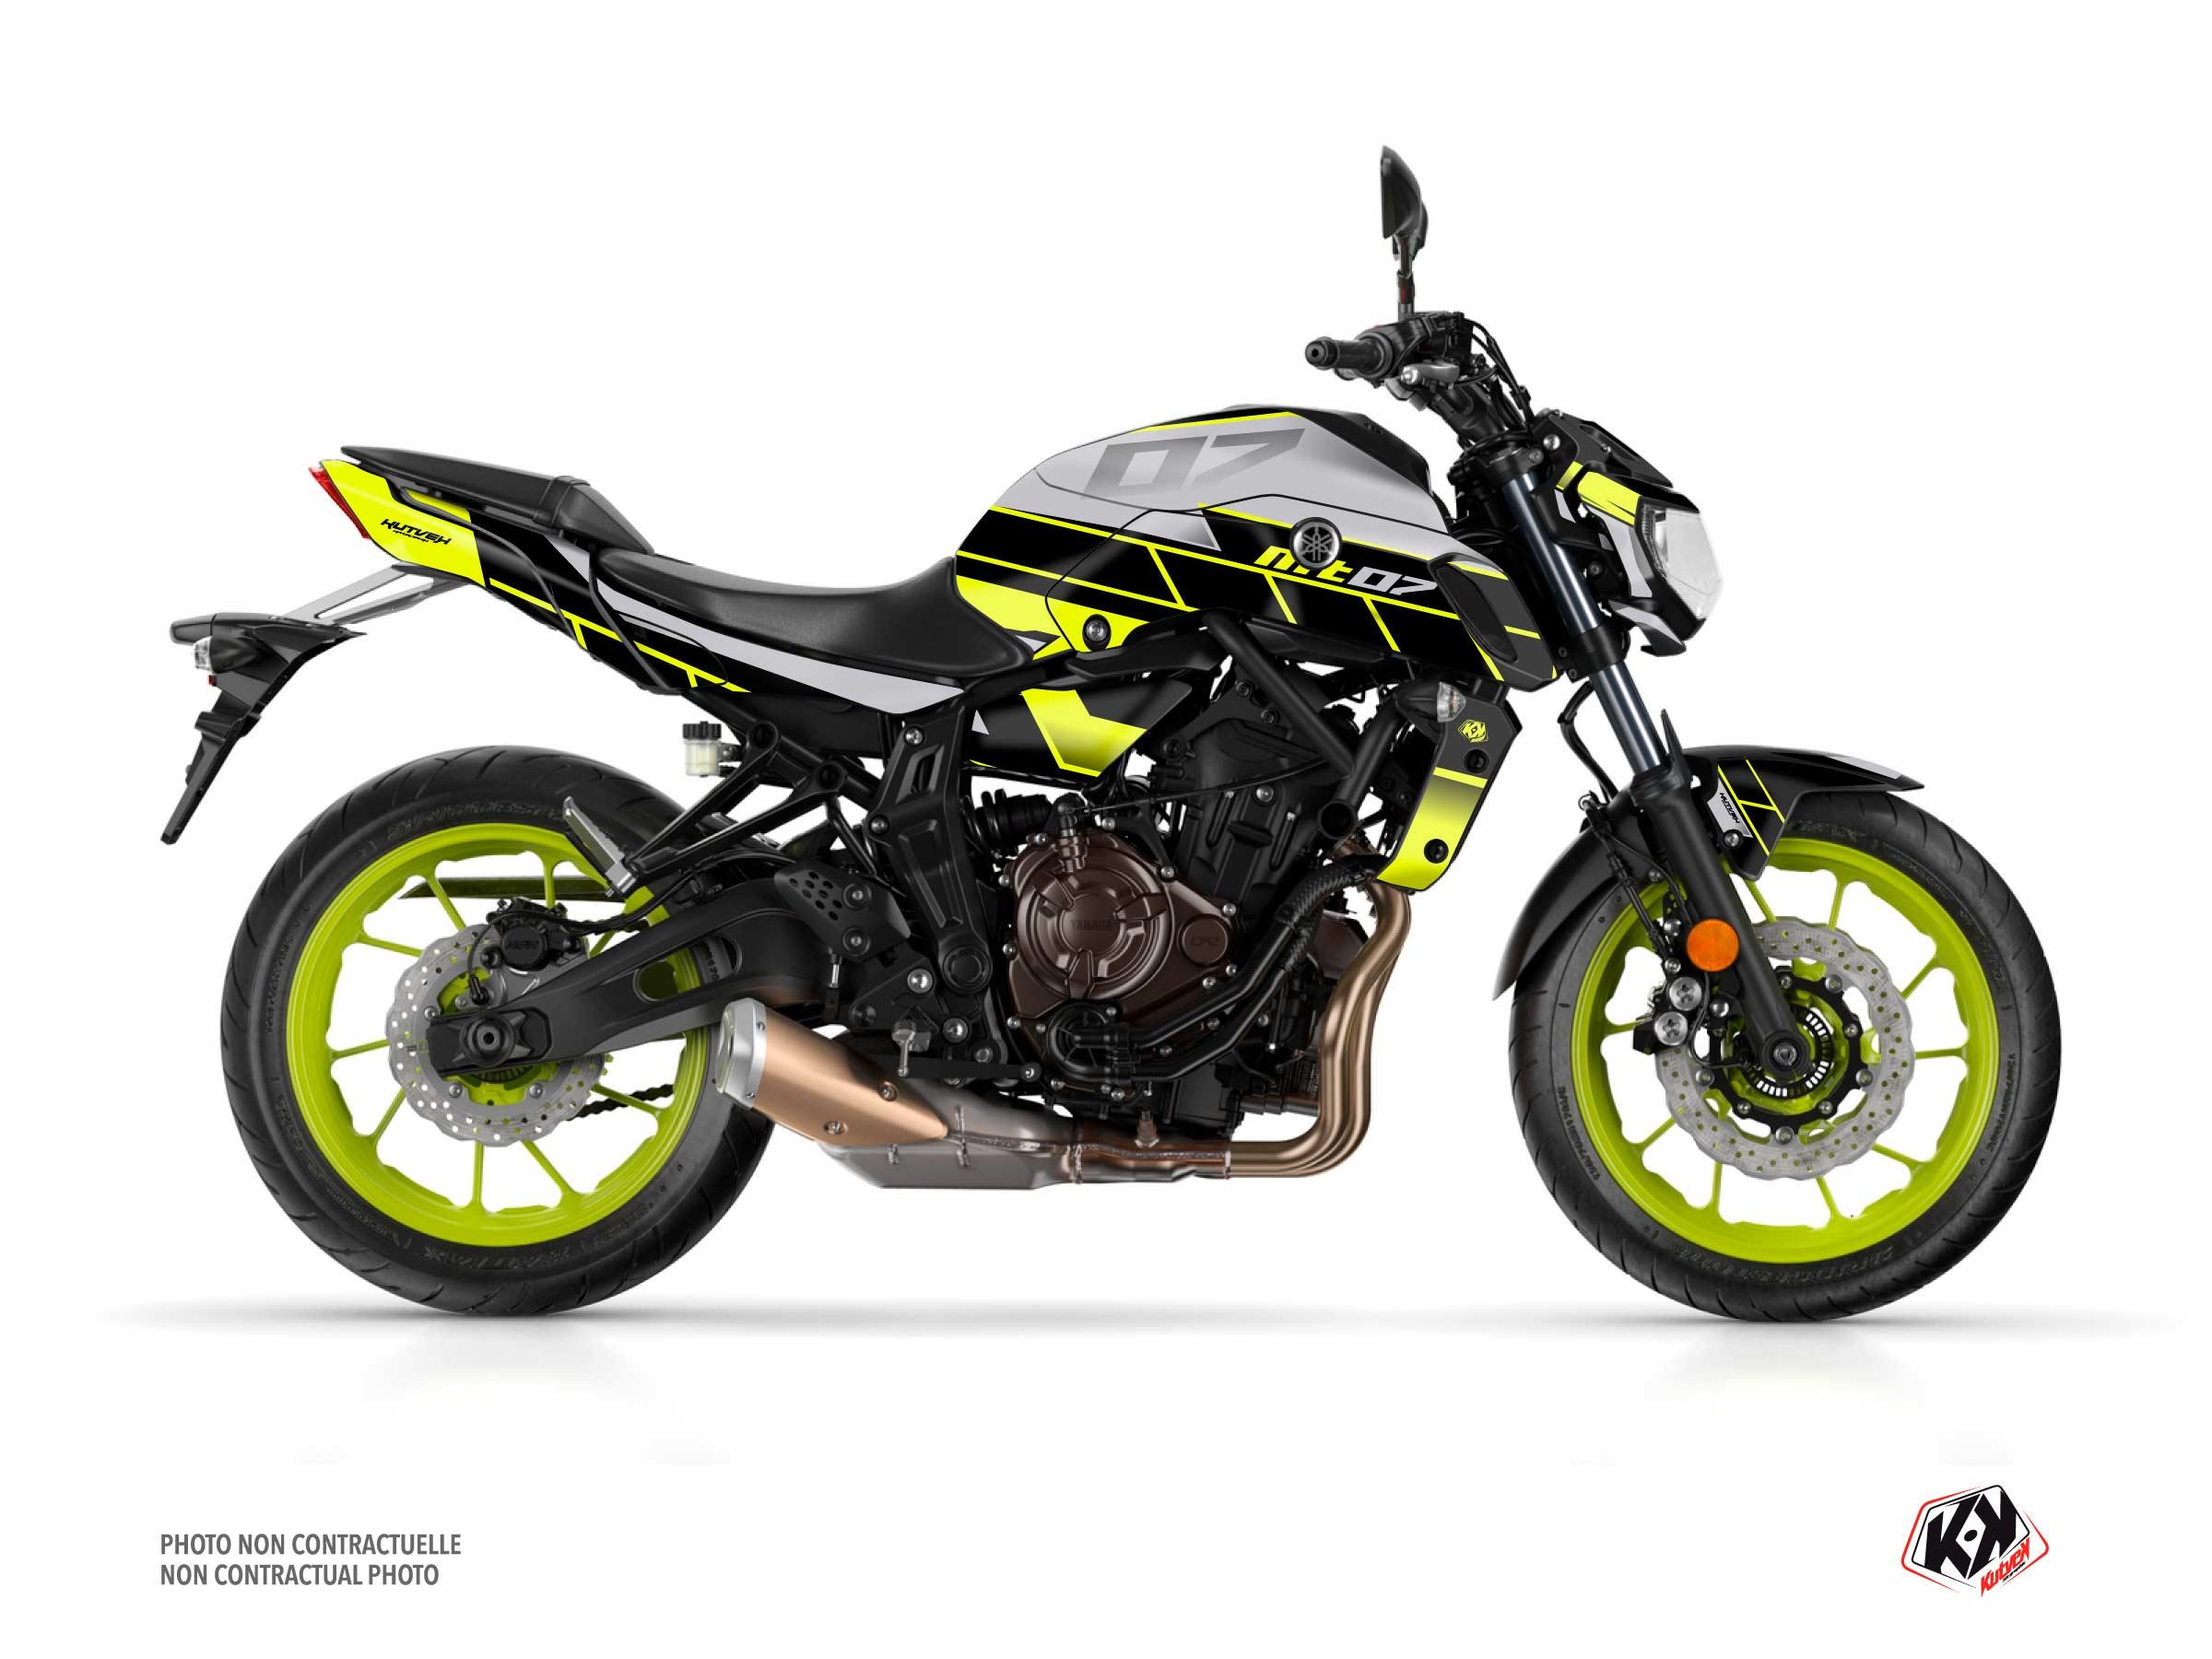 Kit Déco Moto Conquer Yamaha MT 07 Jaune